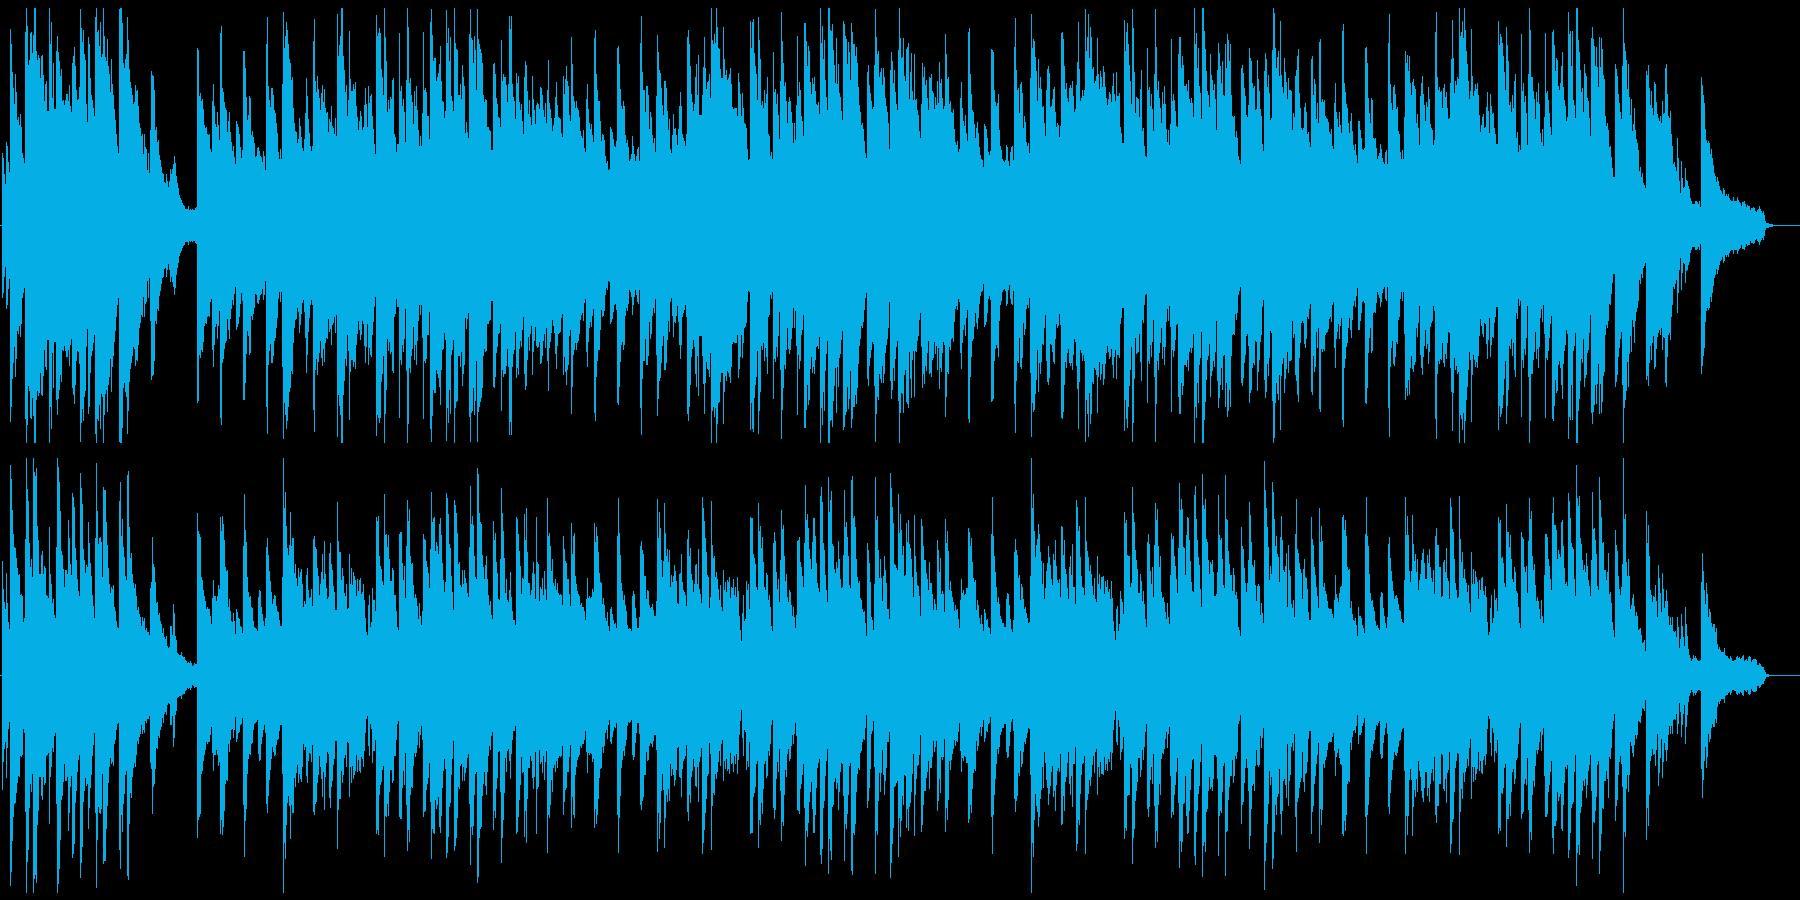 アメイジンググレイス ピアノ伴奏の再生済みの波形